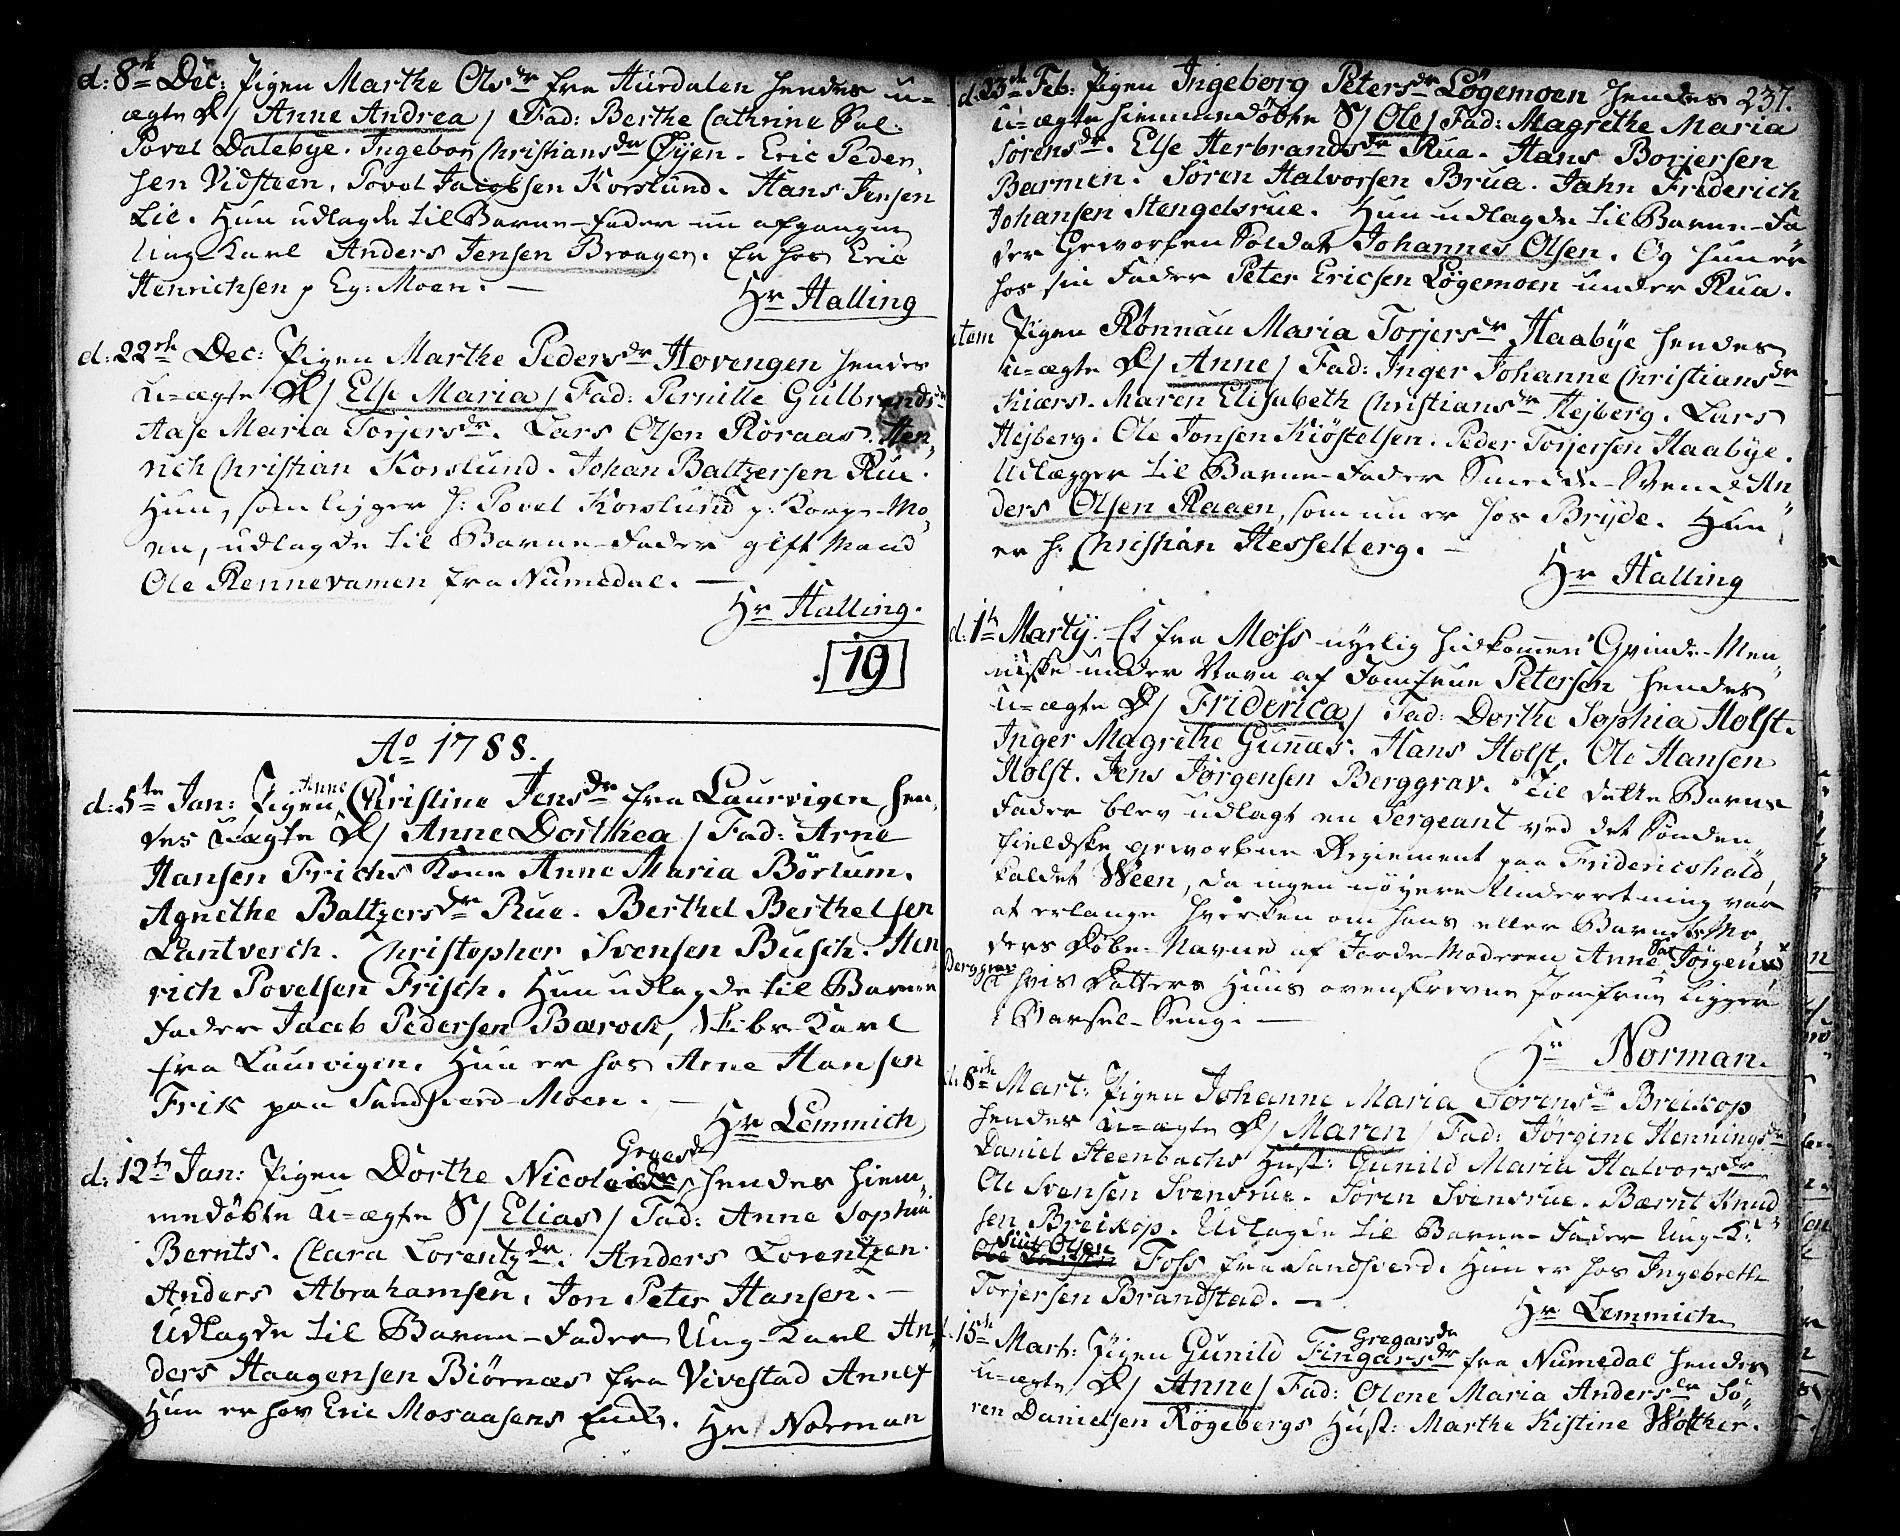 SAKO, Kongsberg kirkebøker, F/Fa/L0006: Ministerialbok nr. I 6, 1783-1797, s. 237